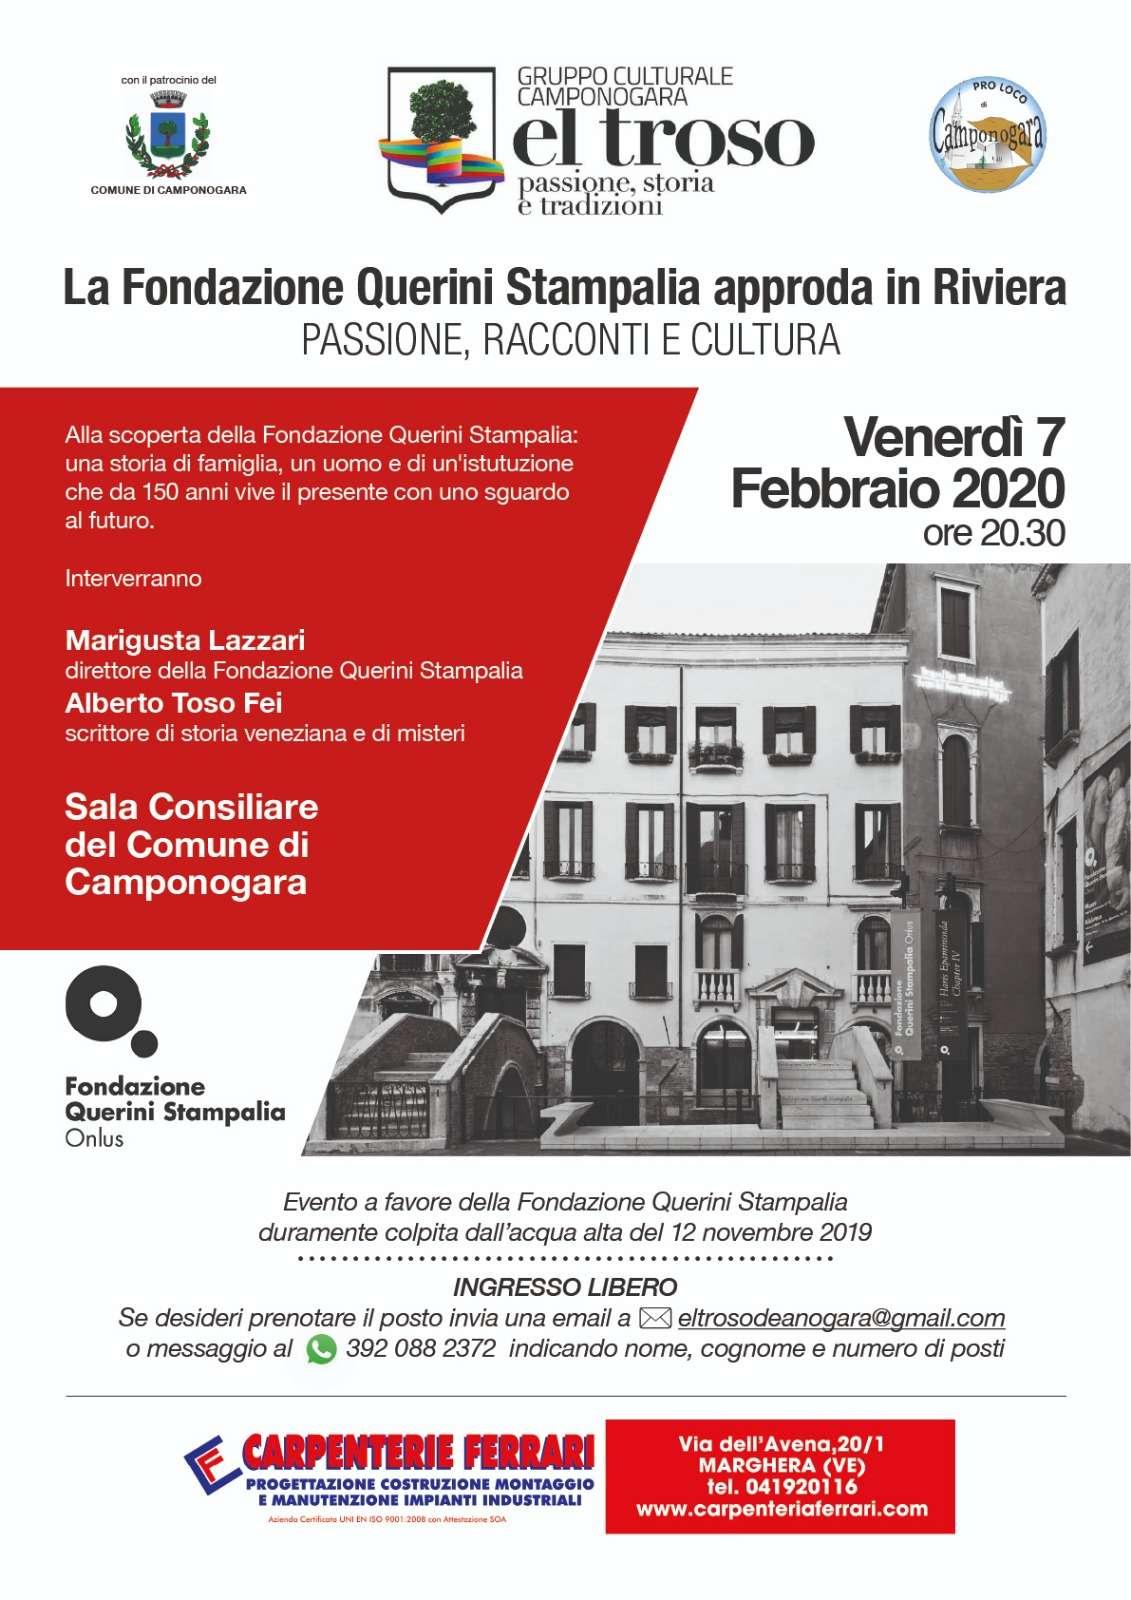 La Fondazione Querini Stampalia approda in Riviera